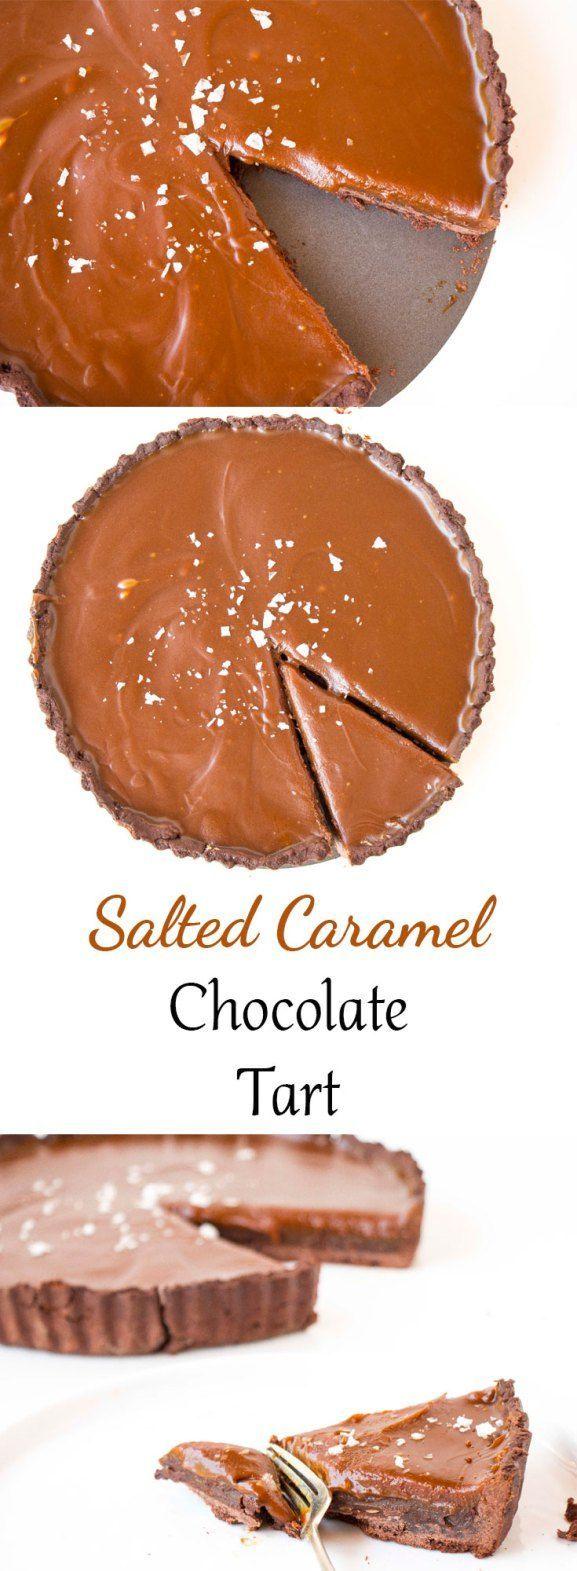 Salted Caramel Chocolate Tart - Baking-Ginger